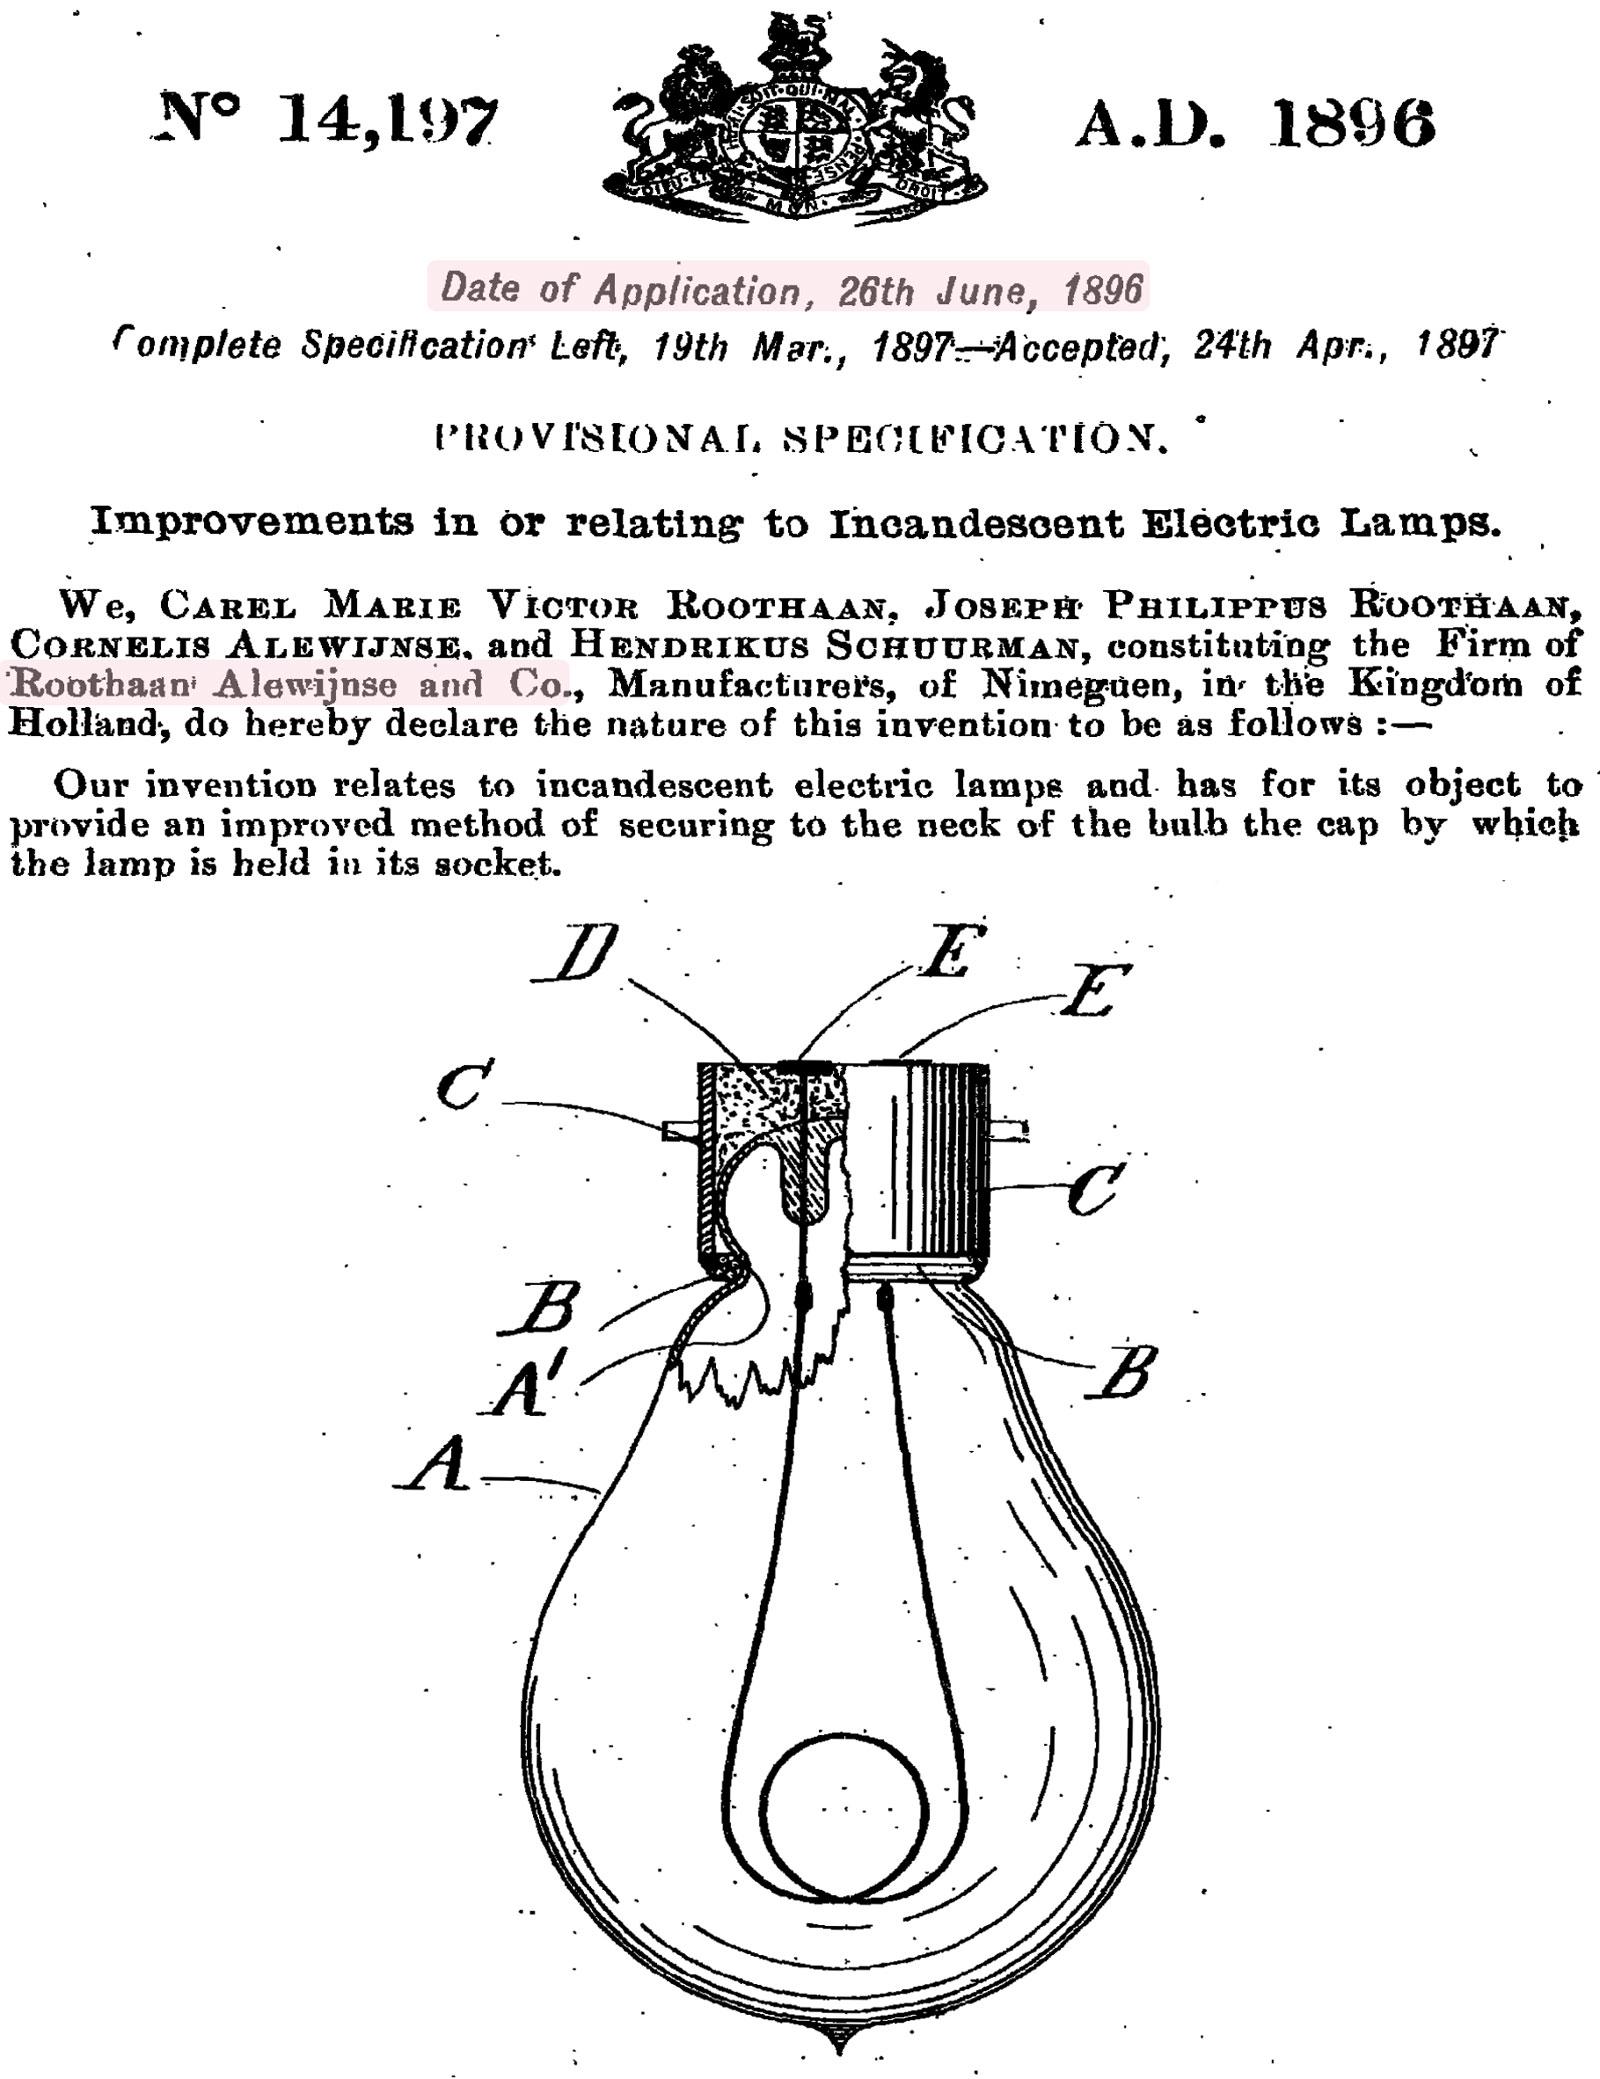 Patent Roothaan, Alewijnse en Co uit 1896